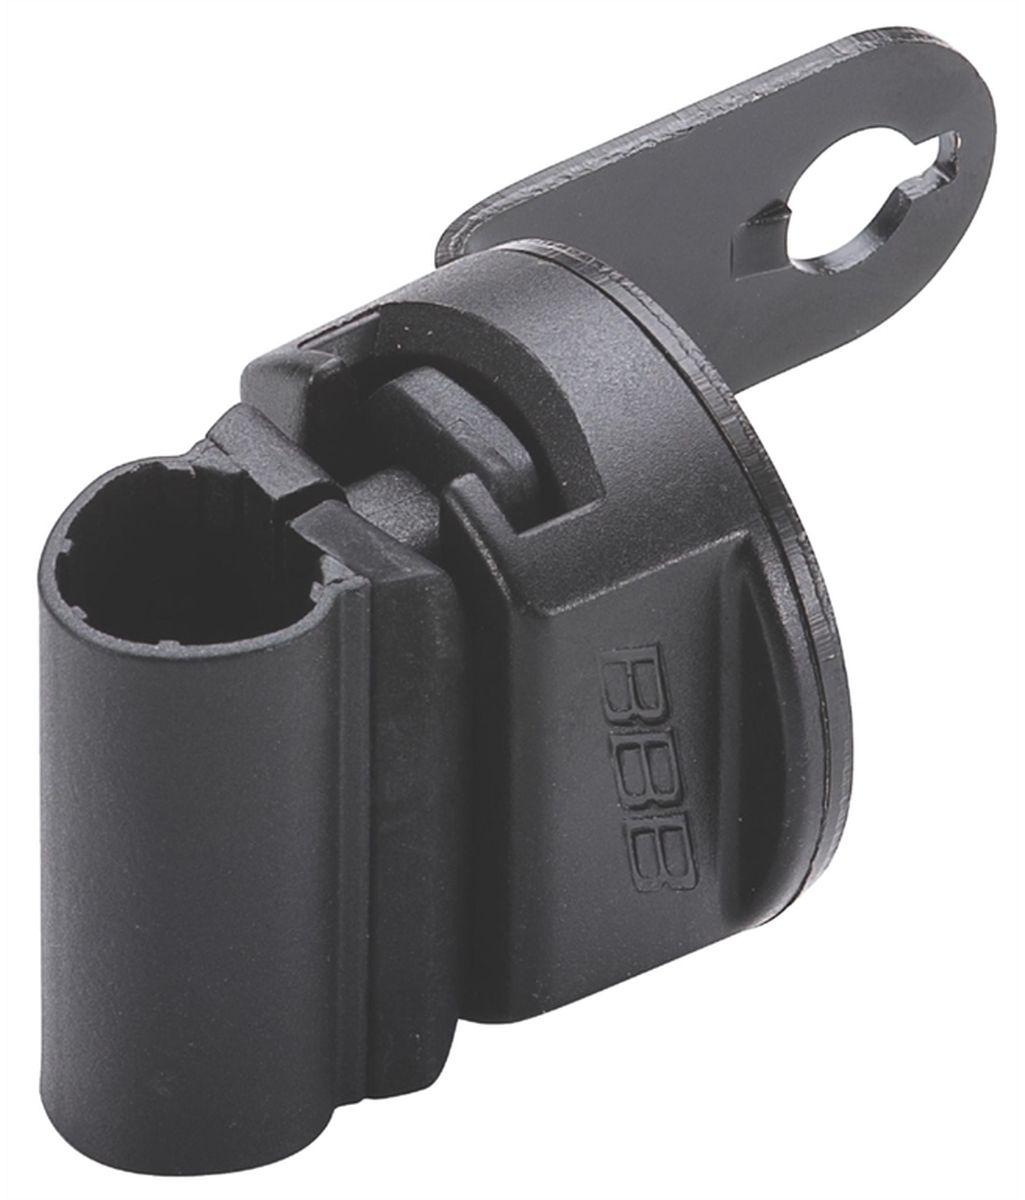 Держатель для велозамка BBB CableFix BracketSСJ-2201Универсальная крепежная скоба для тросов с замком BBB.Скоба крепится к подседельному штырю.Подходит для тросов диаметром: 6, 8, 10 и 12 мм.,